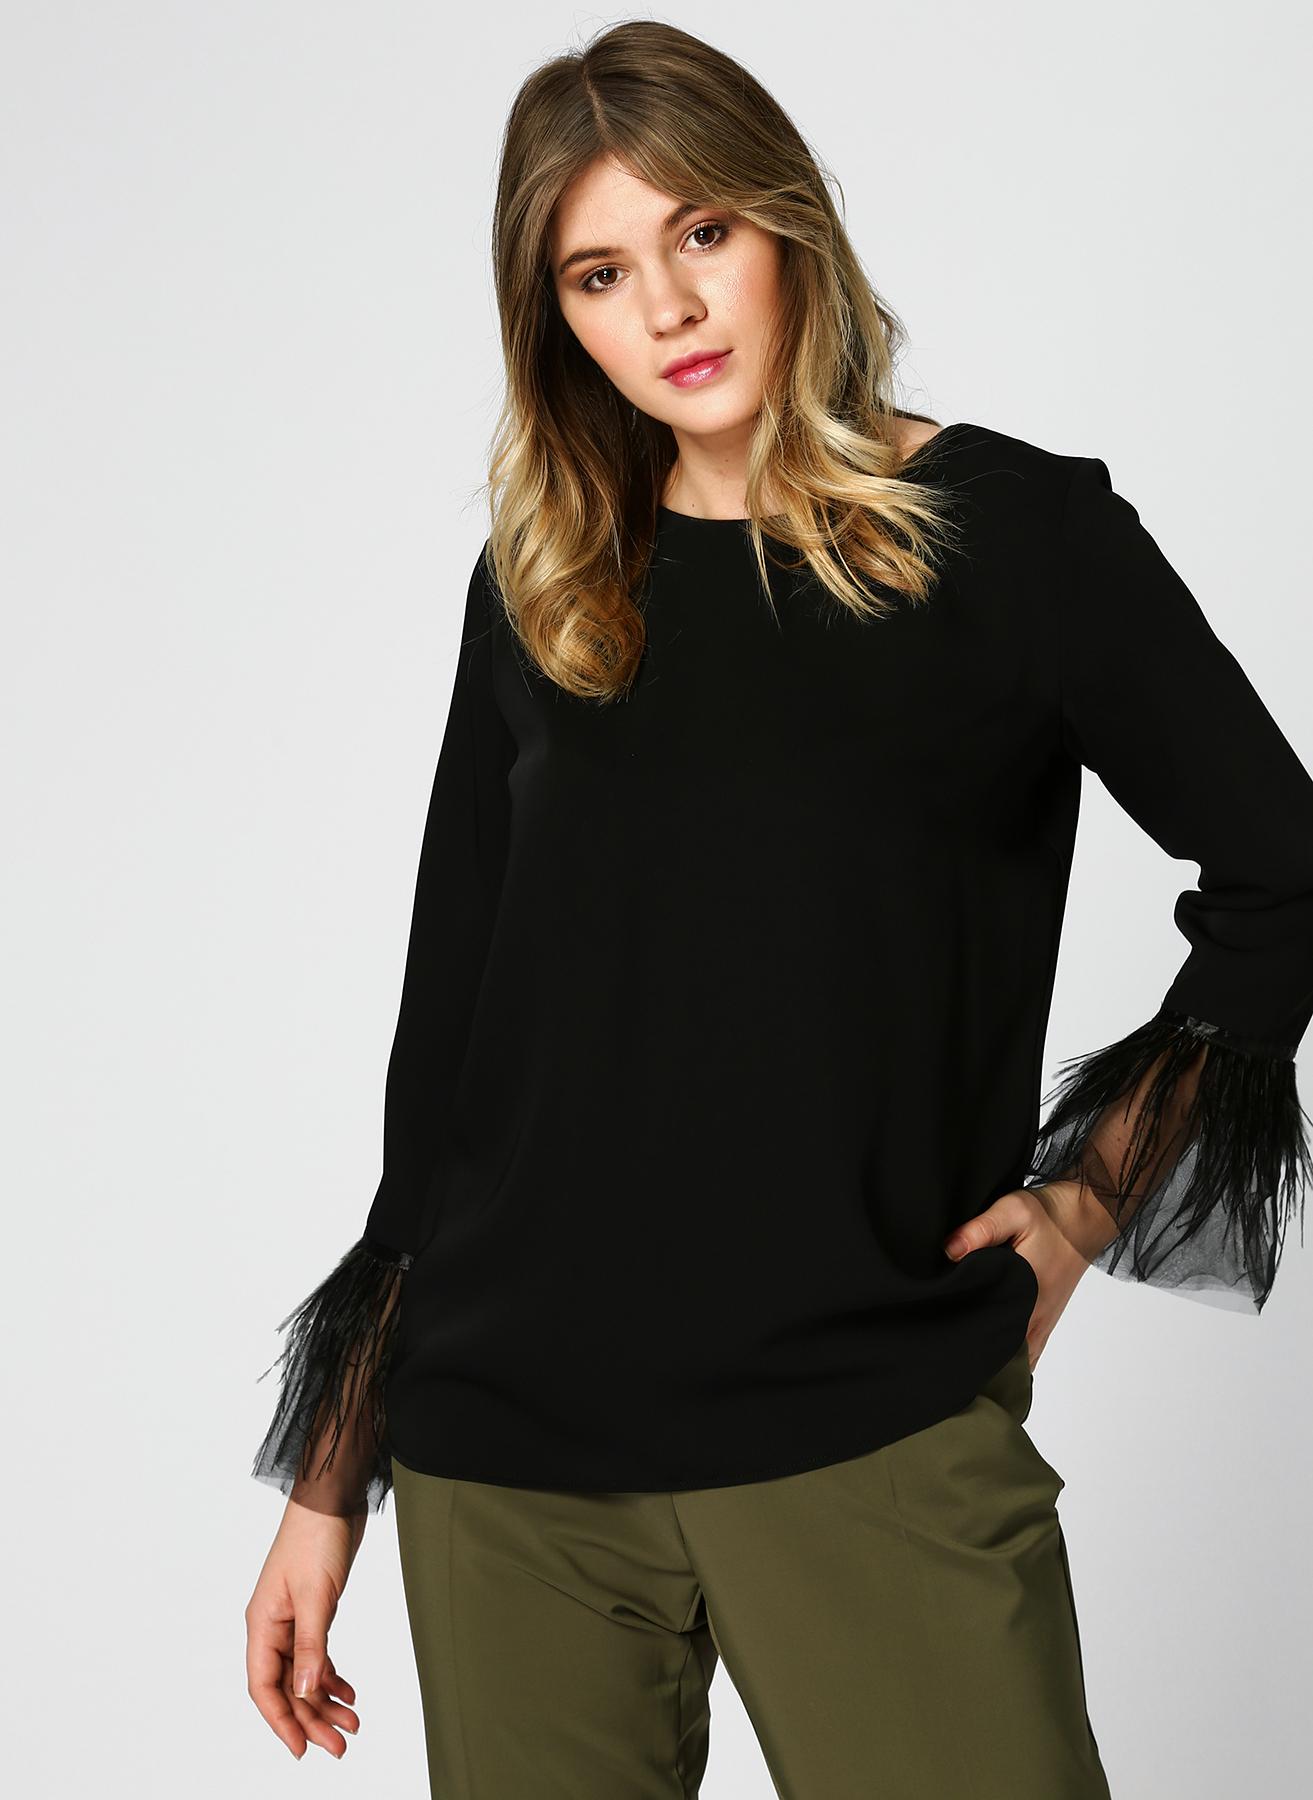 Pierre Cardin Kol Detaylı Siyah Bluz 40 5002313157002 Ürün Resmi